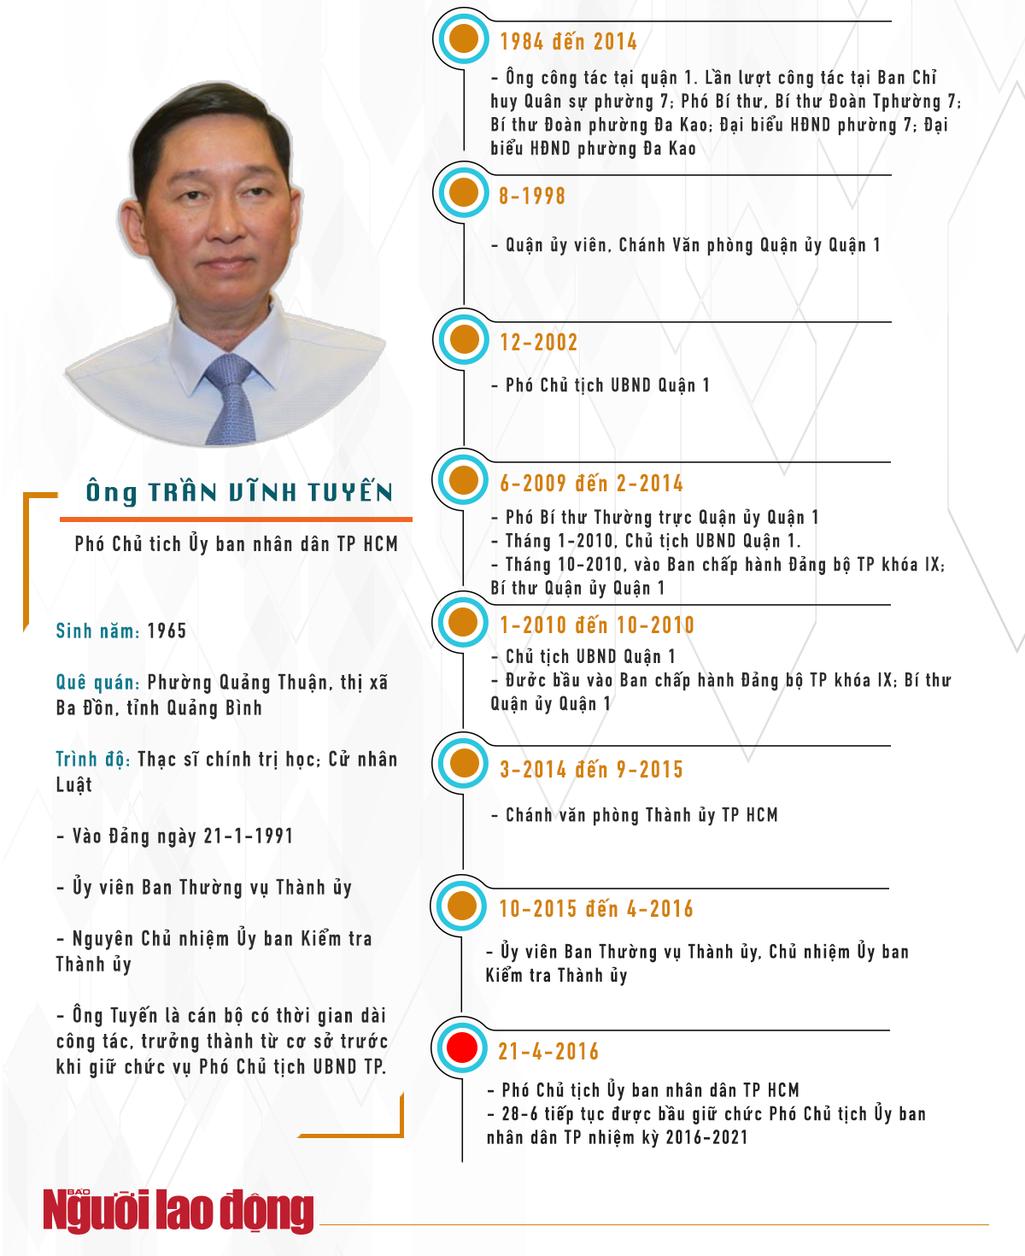 """[Infographic] """"Quan lộ"""" của ông Trần Vĩnh Tuyến và ông Trần Trọng Tuấn - 1"""